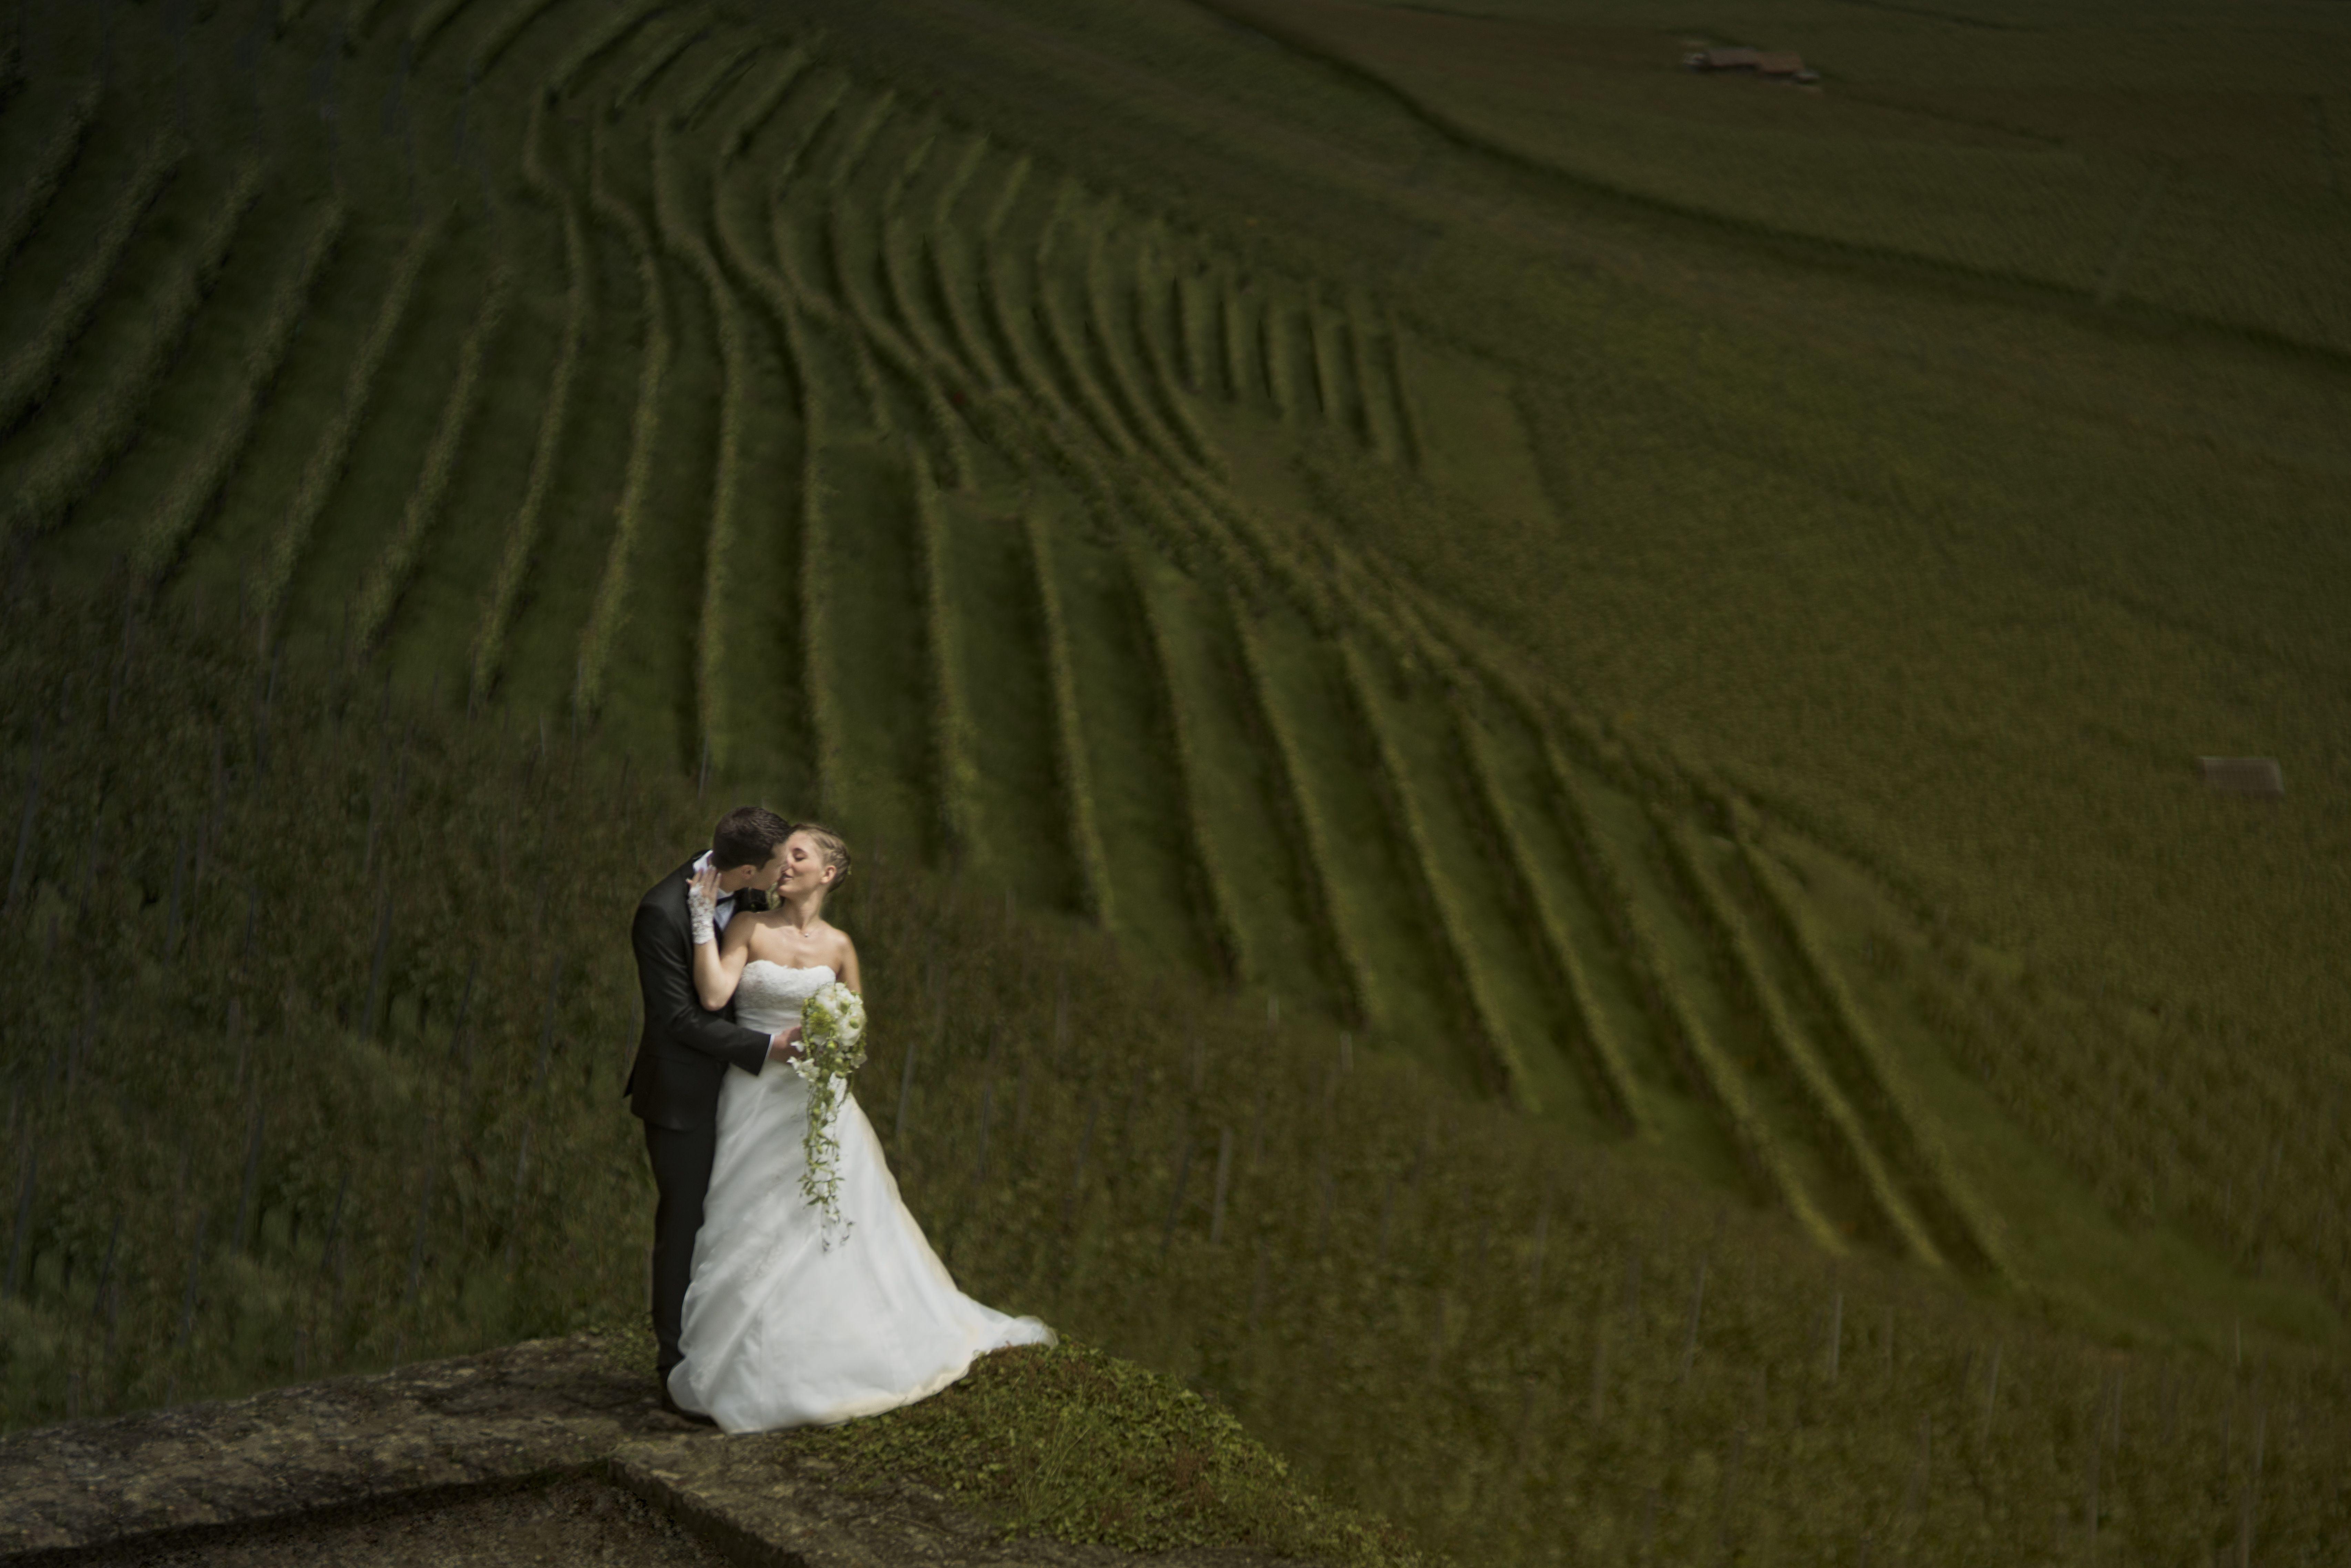 Vignes Suisse - Alexandre Kauder Photographe International de Mariage Prestige, Luxe & Destination